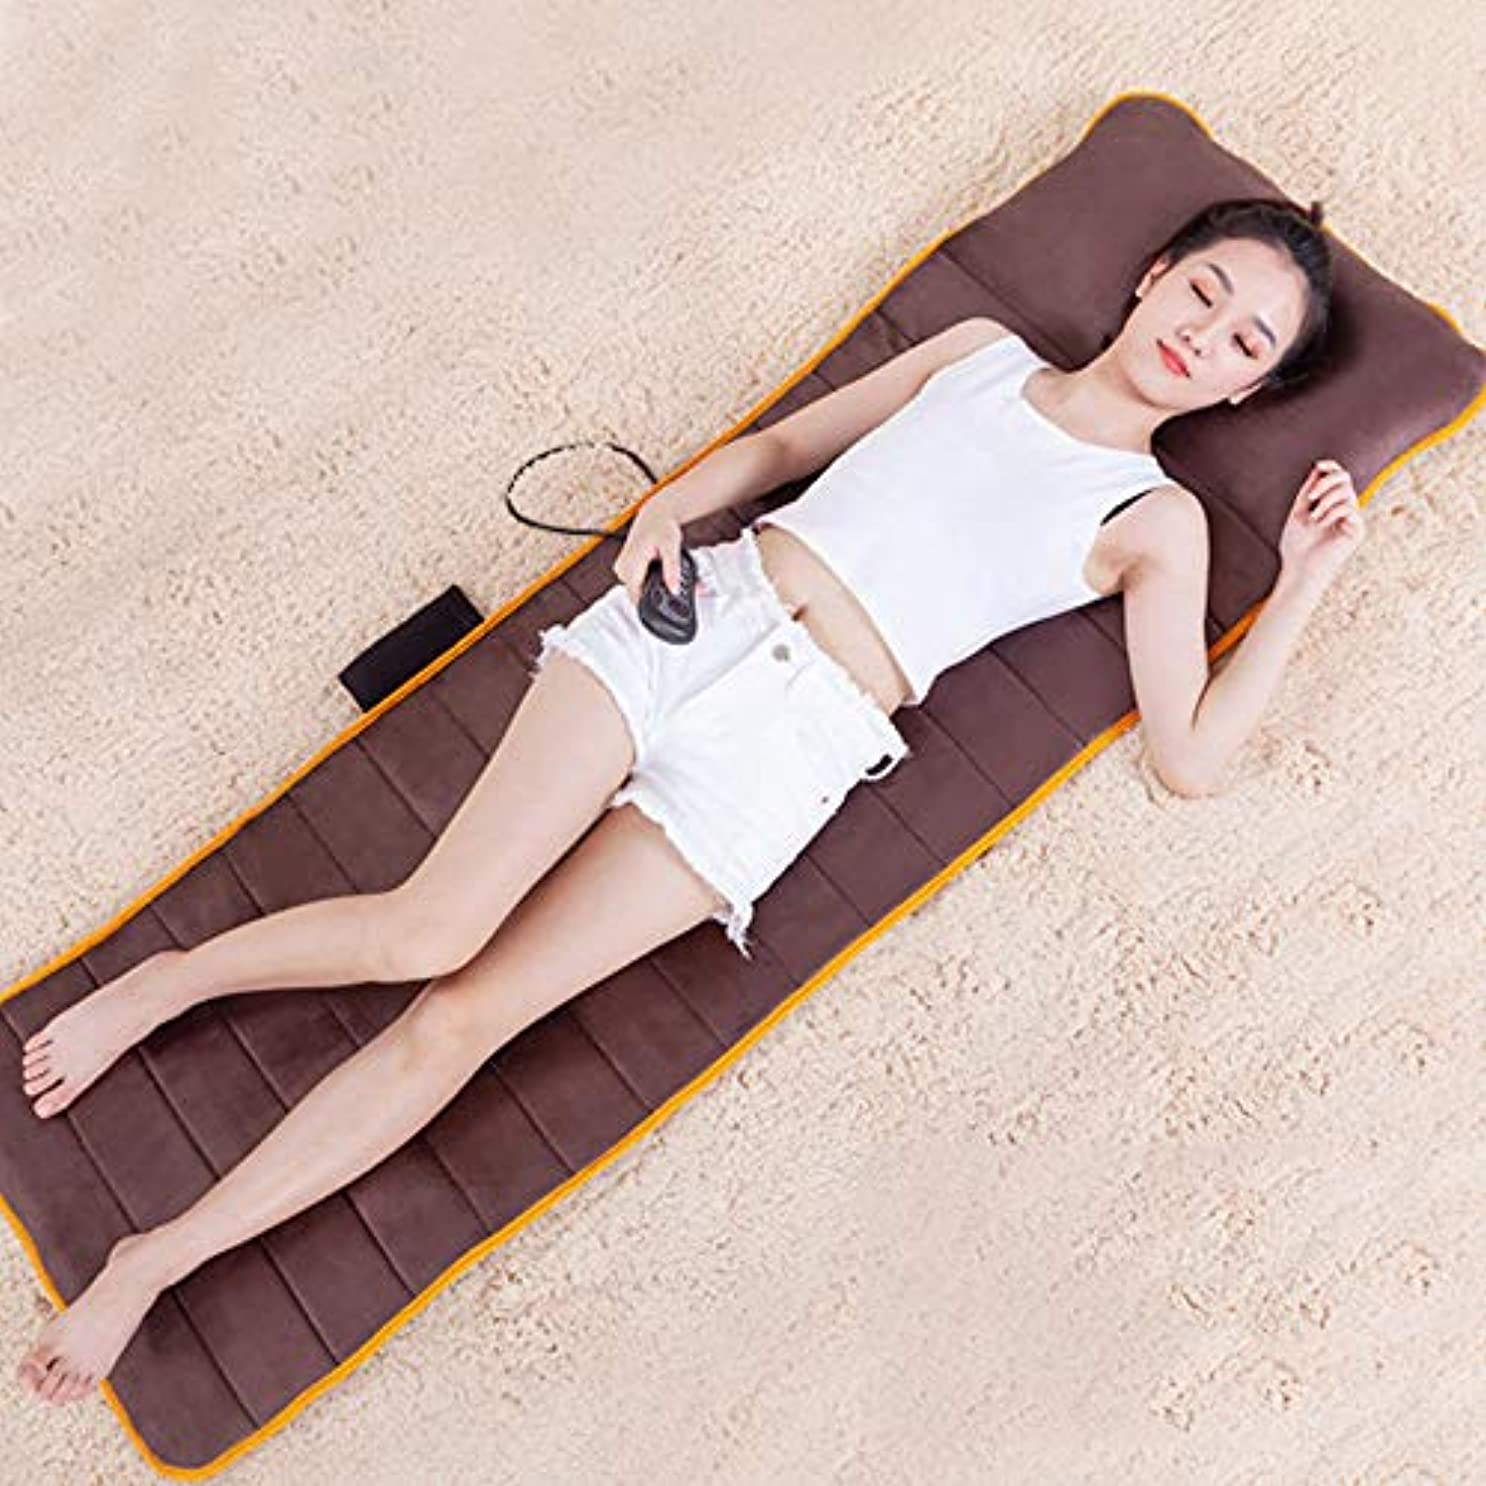 マラウイこどもの宮殿センチメンタルマッサージマット - 熱 - 振動可能なマッサージパッド - 首、背中、足の痛みを軽減するための10振動モーターマットレスパッド